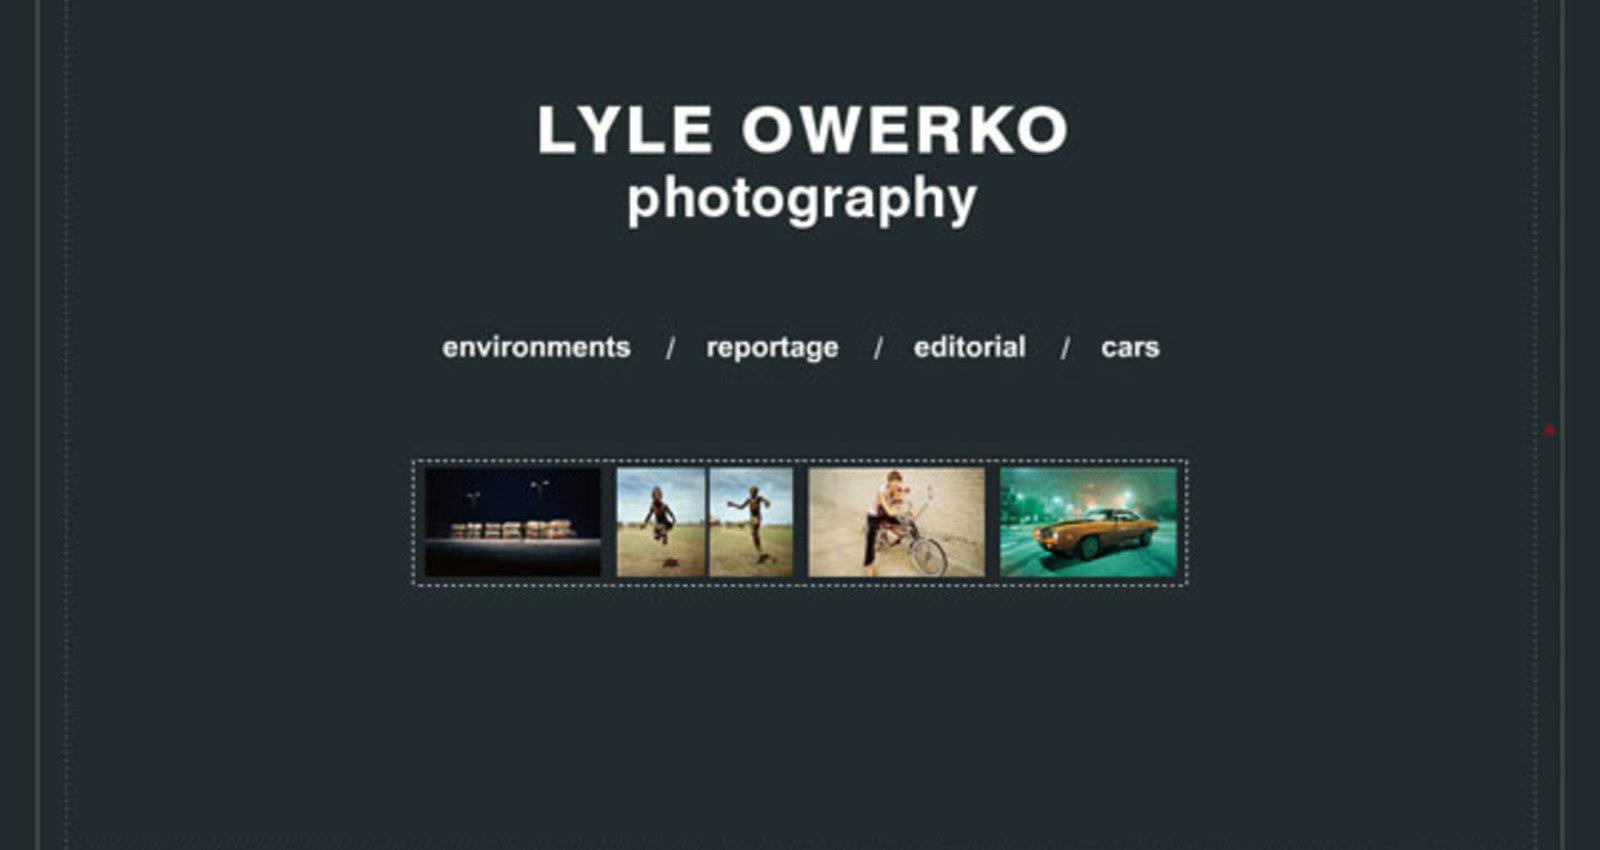 www.owerko.com